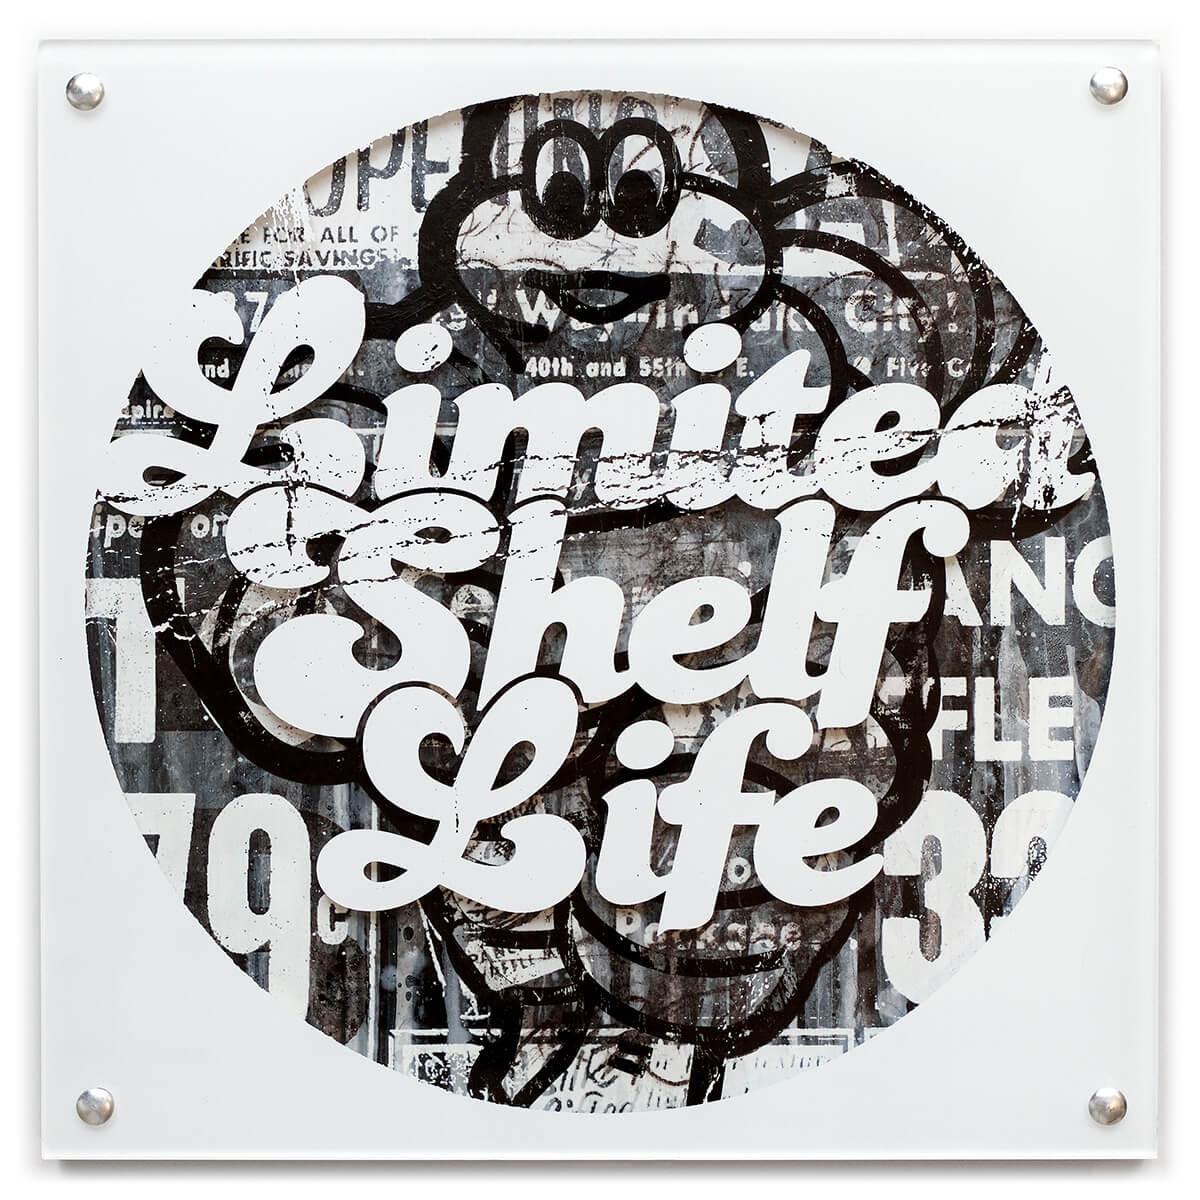 limitedshelflife